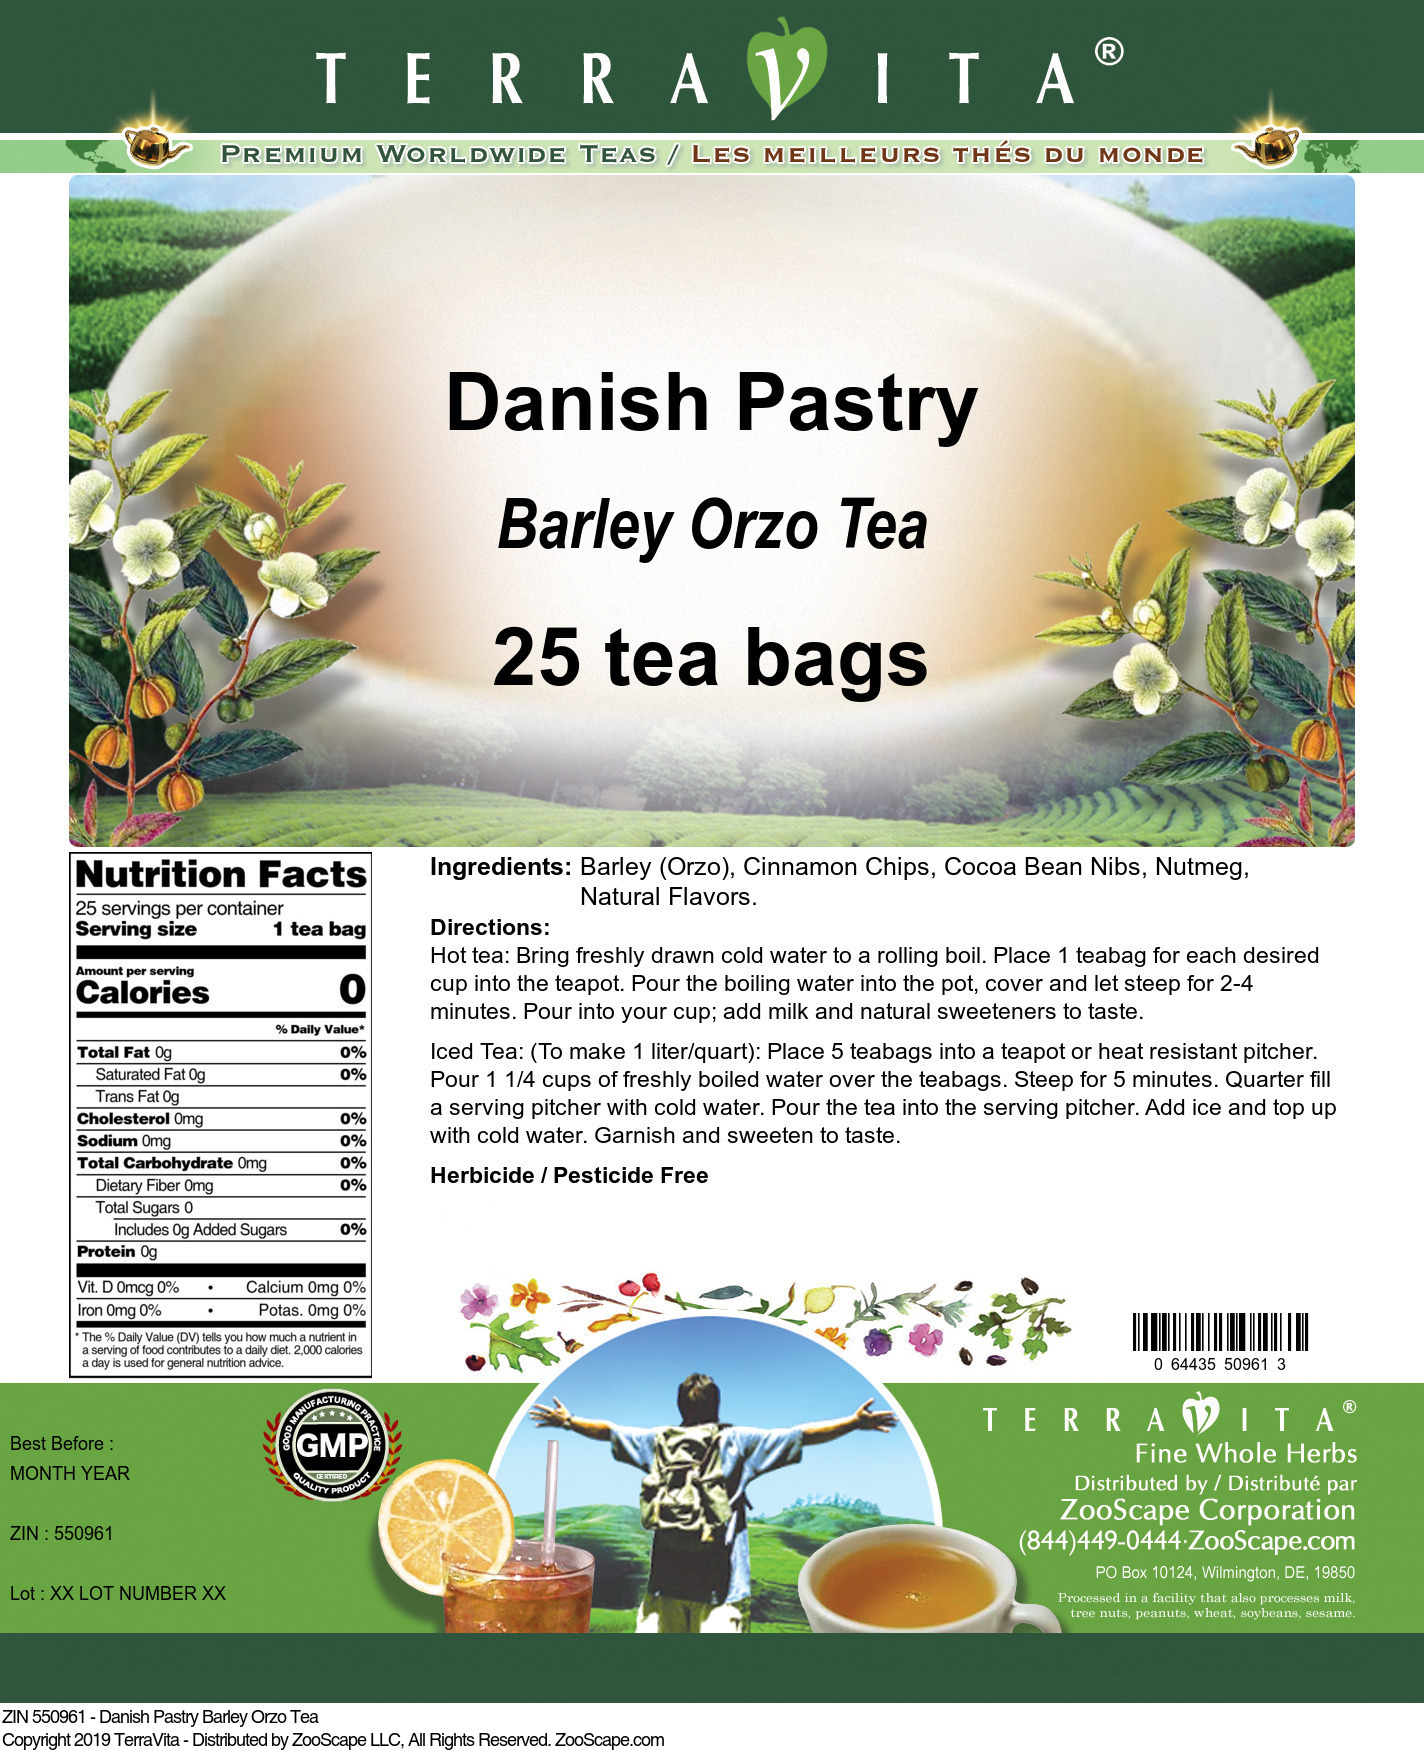 Danish Pastry Barley Orzo